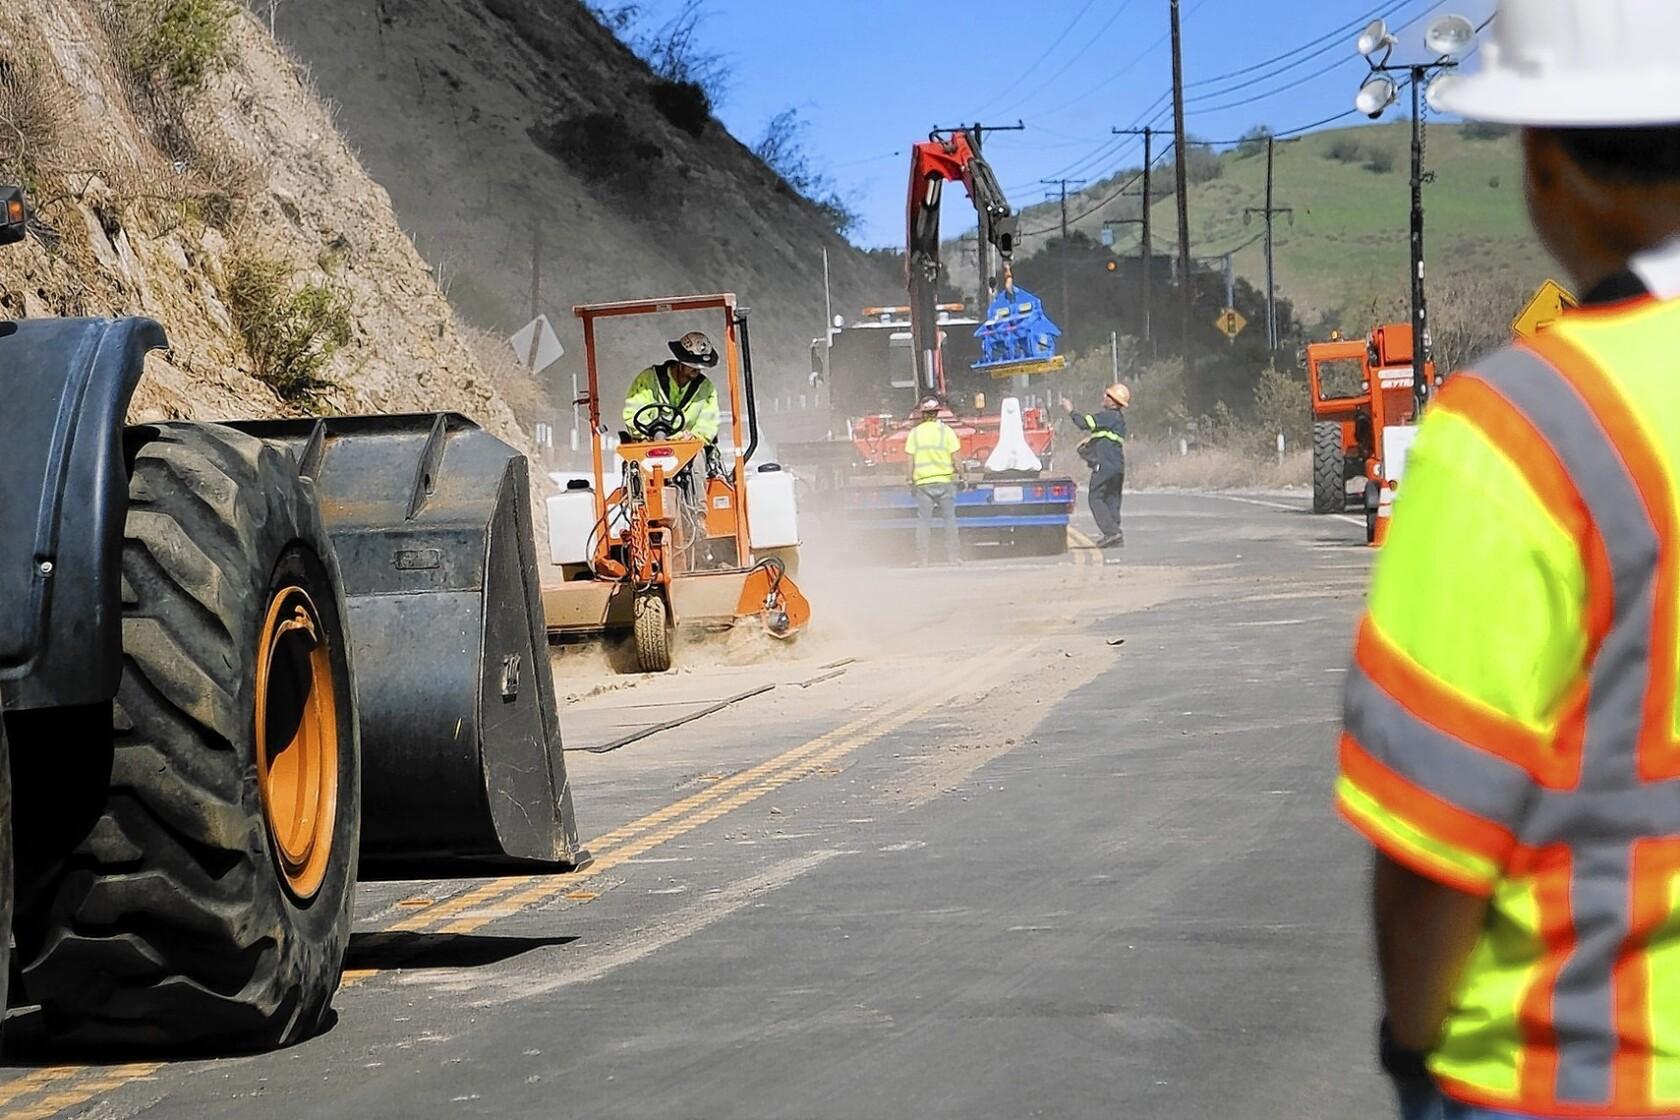 La Habra quake a reminder about dangerous Puente Hills fault